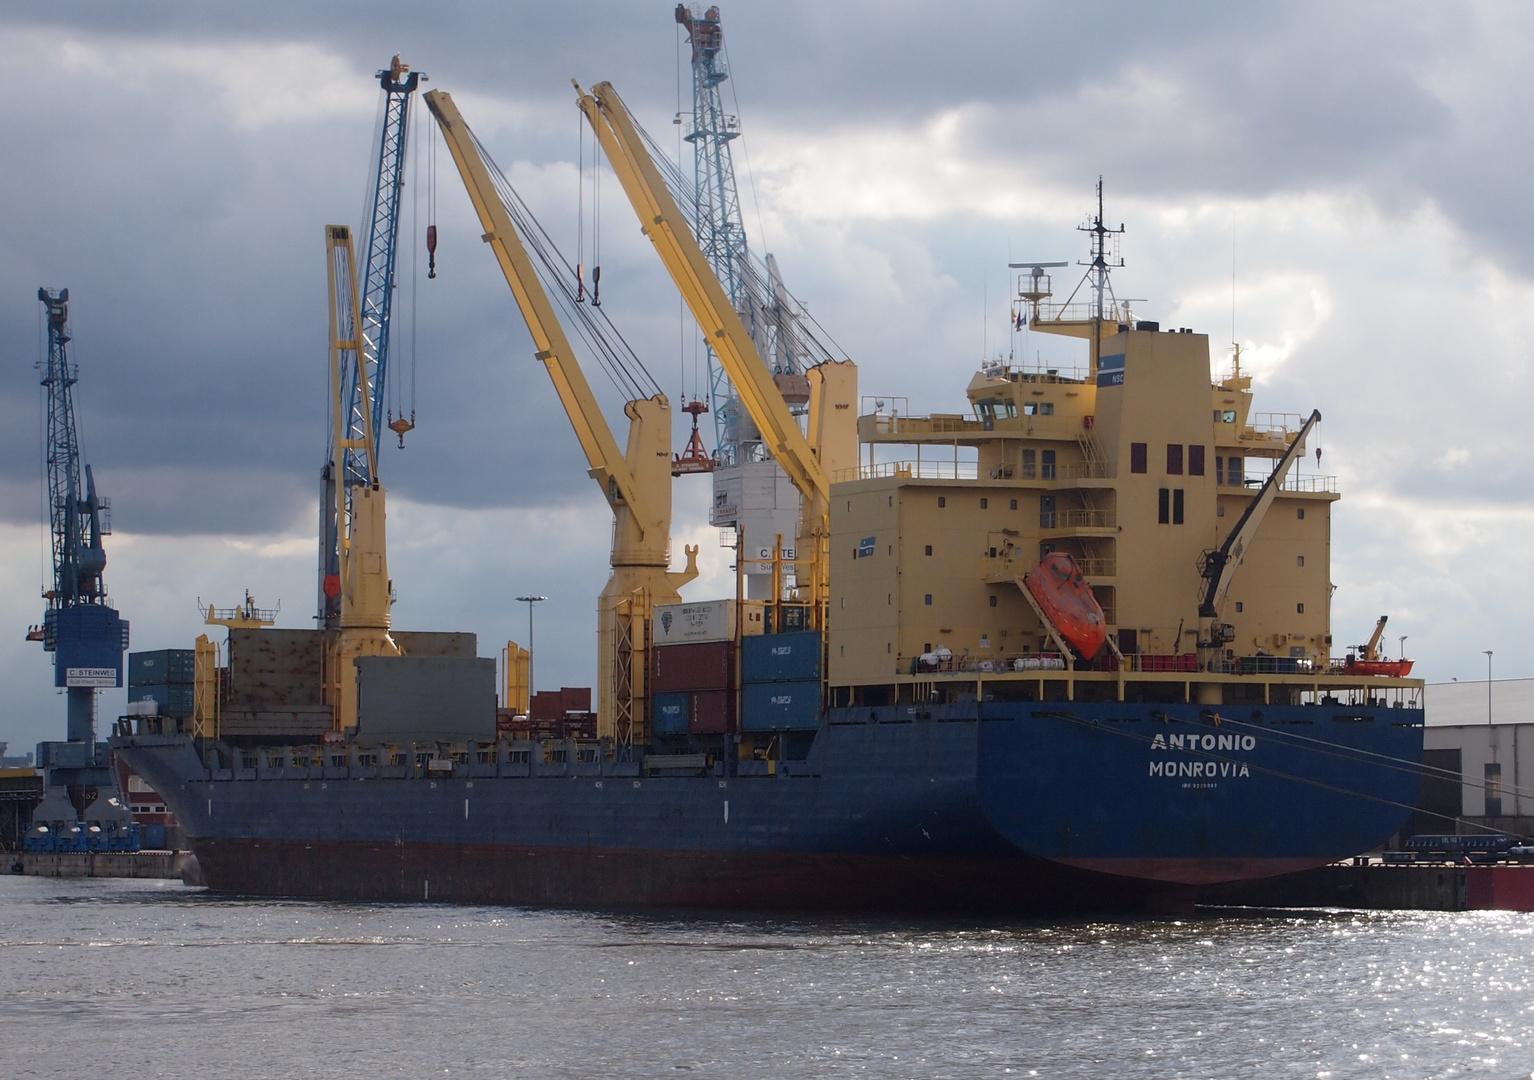 General Cargo Ship Antonio